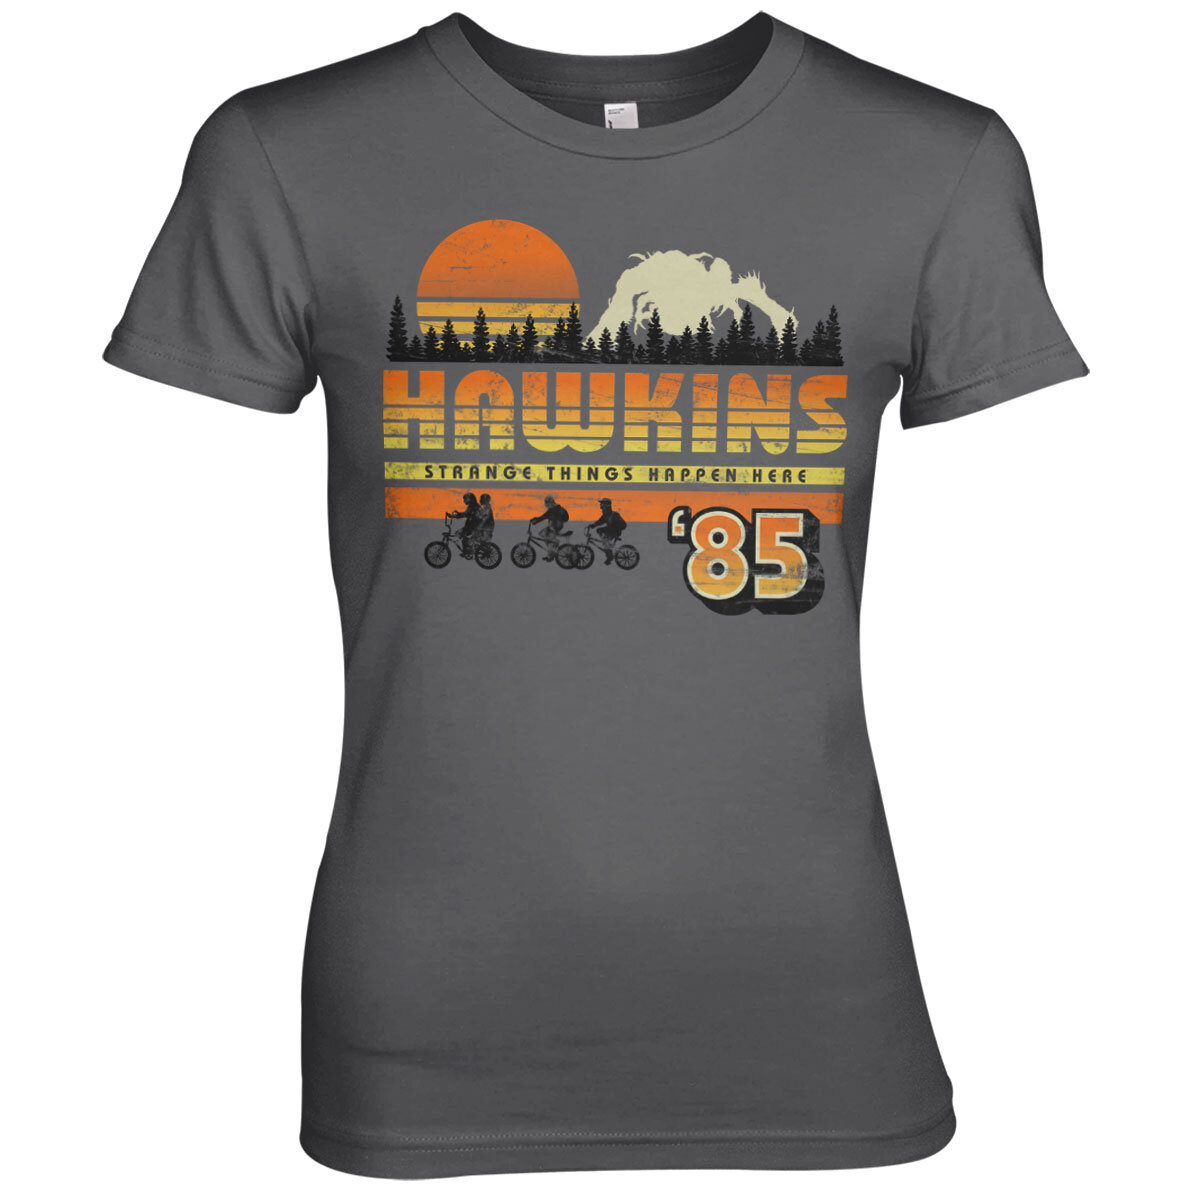 Hawkins '85 Vintage Girly Tee